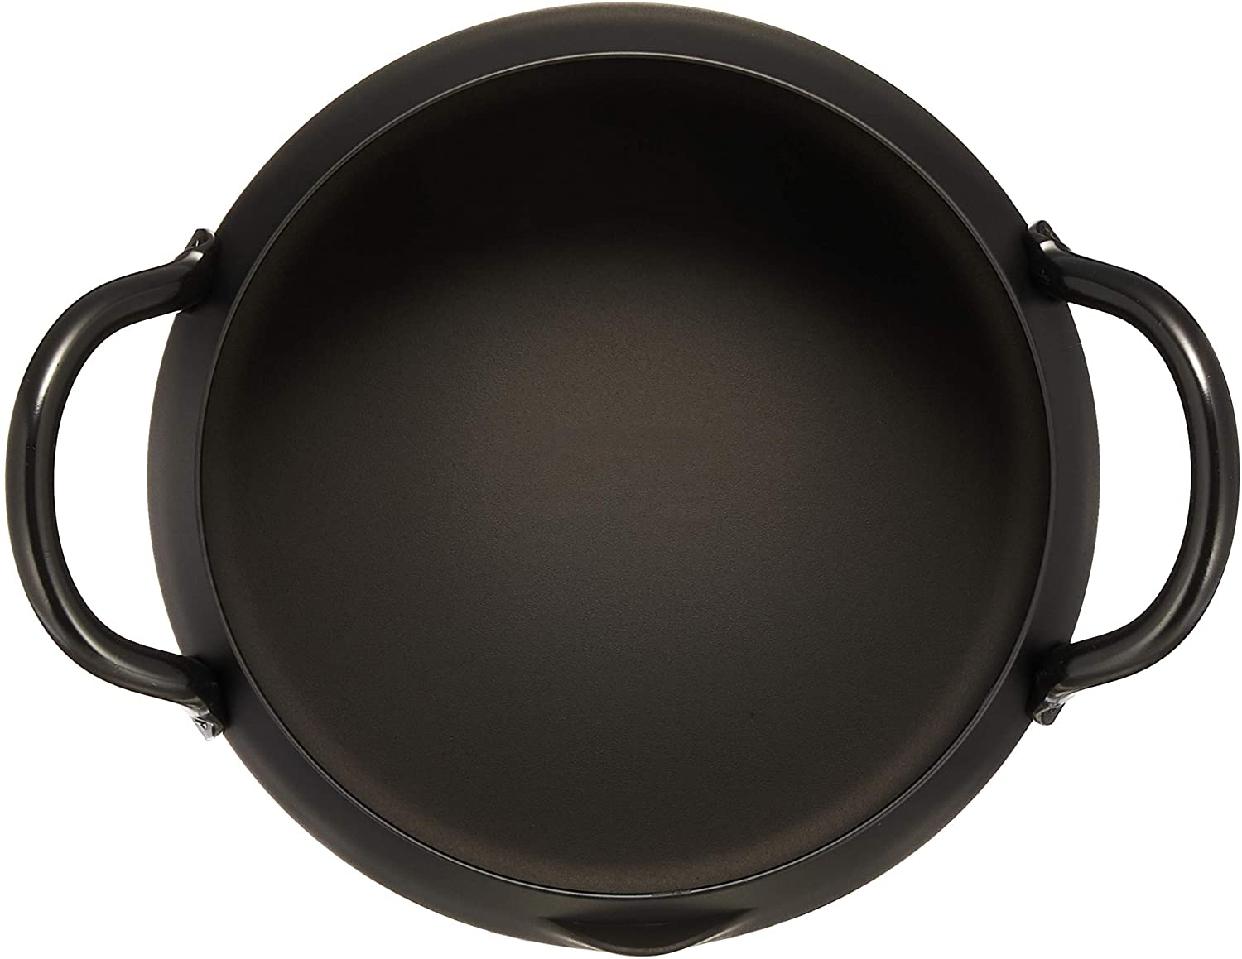 和平フレイズ(ワヘイフレイズ)匠弥(たくみや) 鉄 共柄天ぷら鍋16cm ブラック TY-042の商品画像3